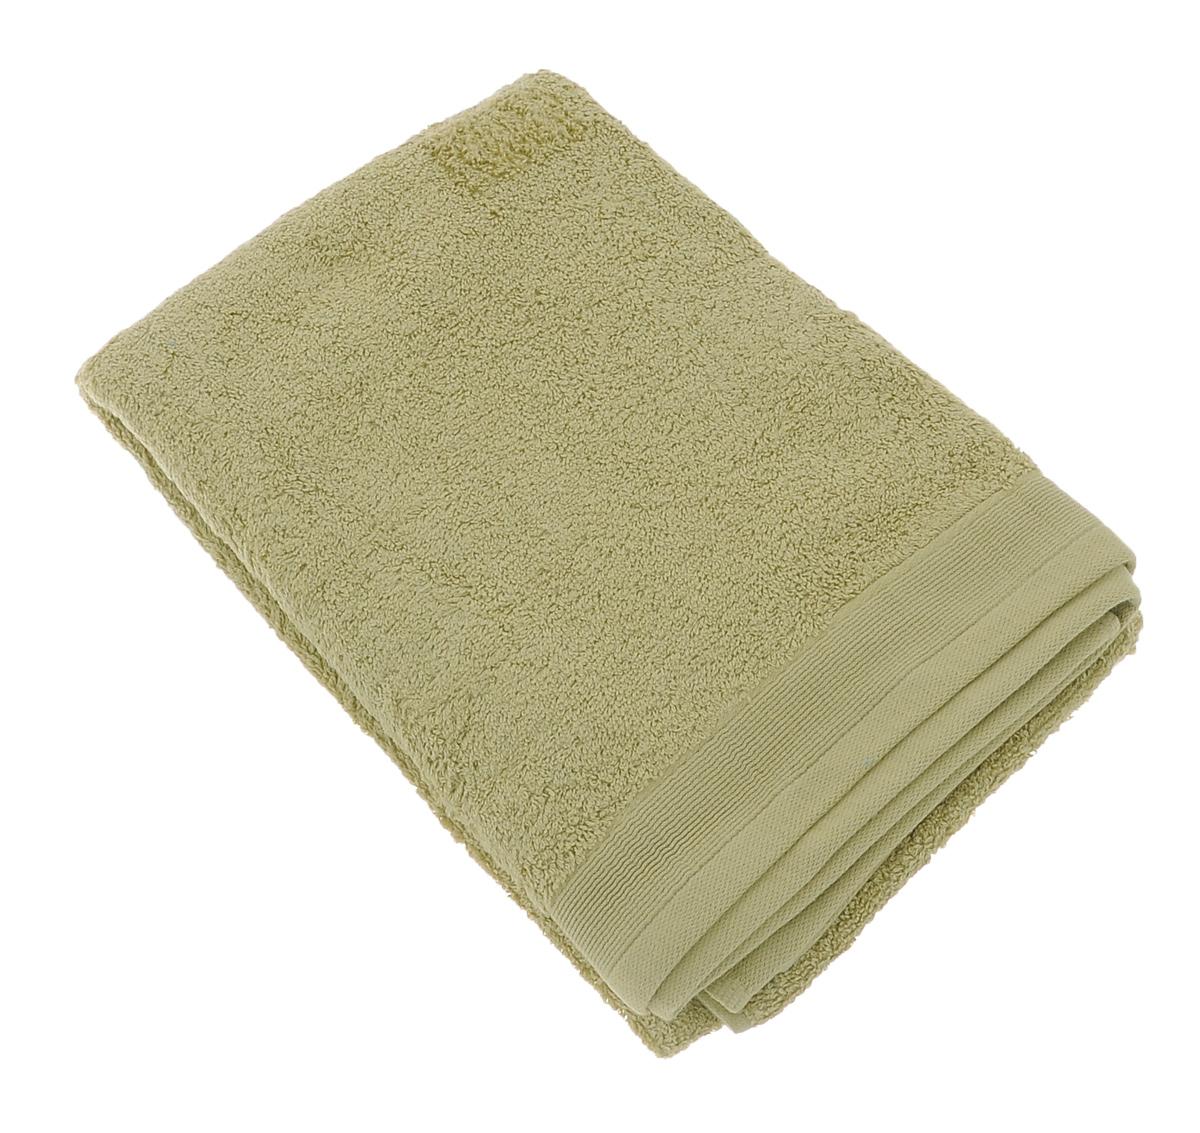 Полотенце махровое Guten Morgen, цвет: фисташковый, 70 см х 140 см полотенце махровое guten morgen гладкокрашенное пммок 70 140 мокко 70 х 140 см